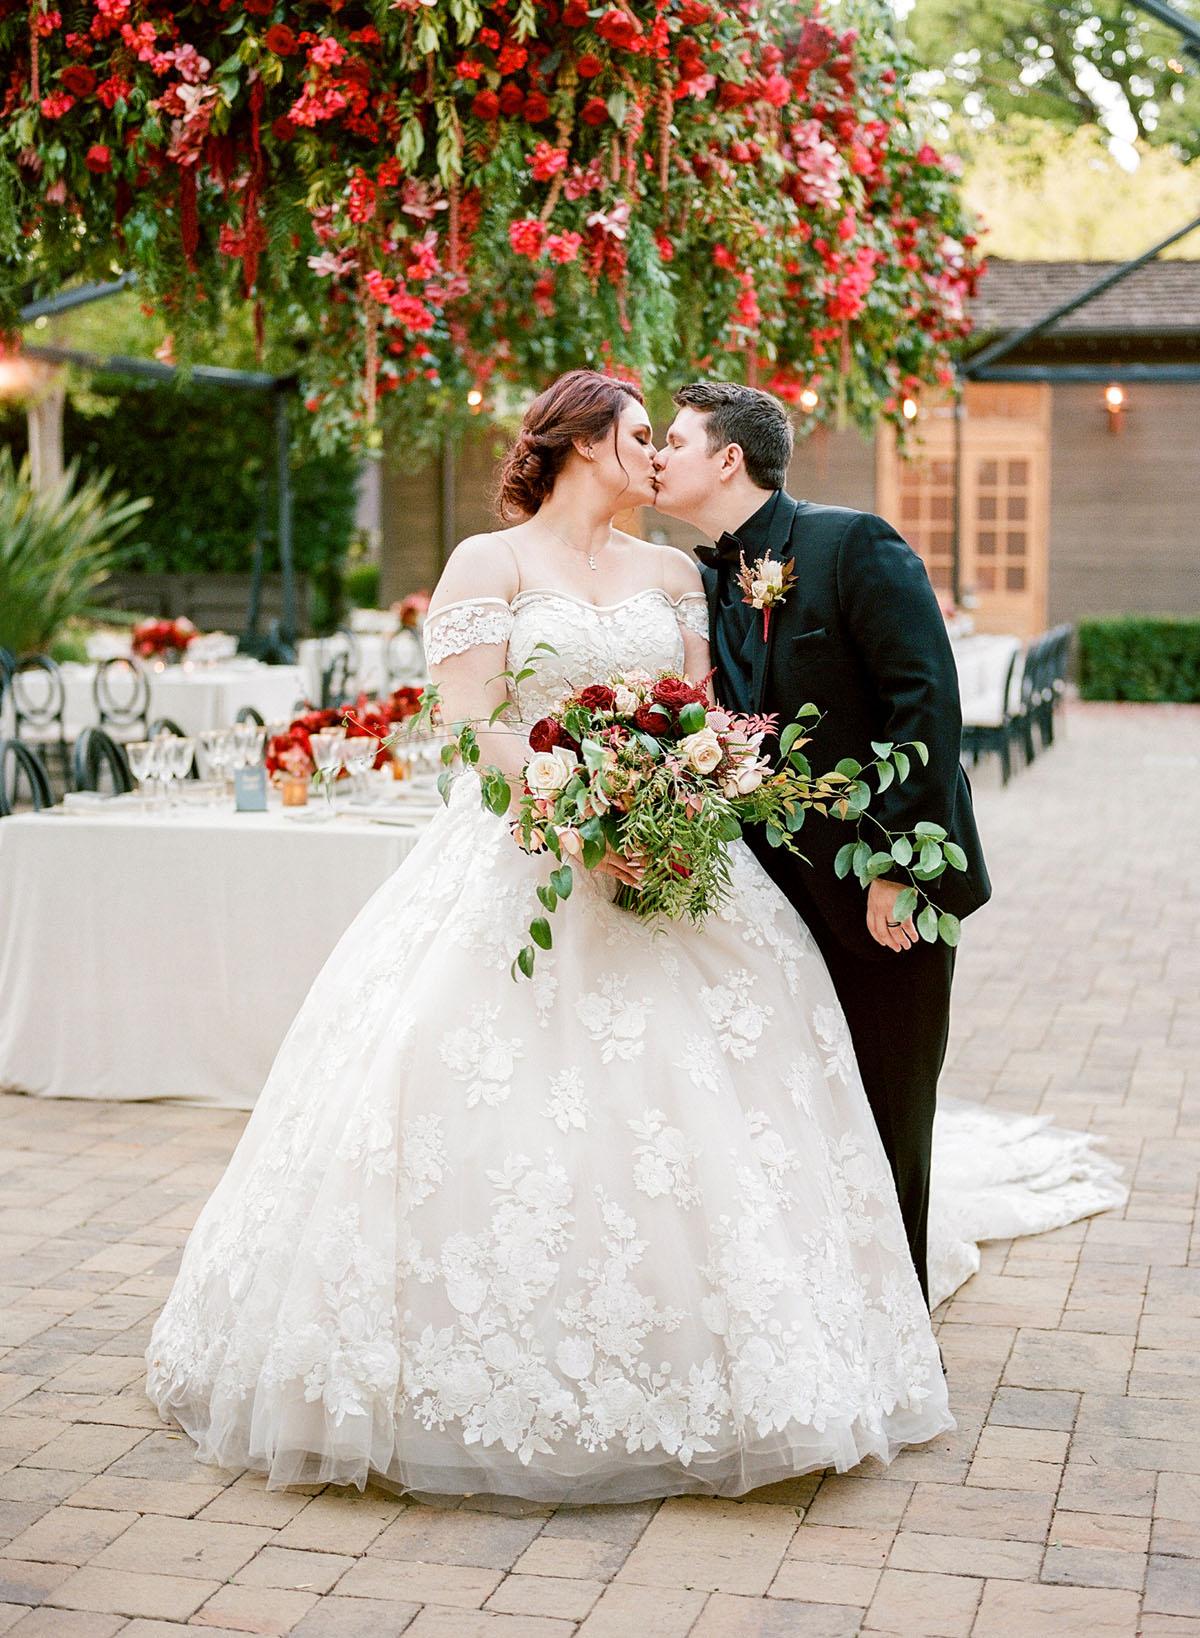 34-bride-groom-floral-chandelier.jpg